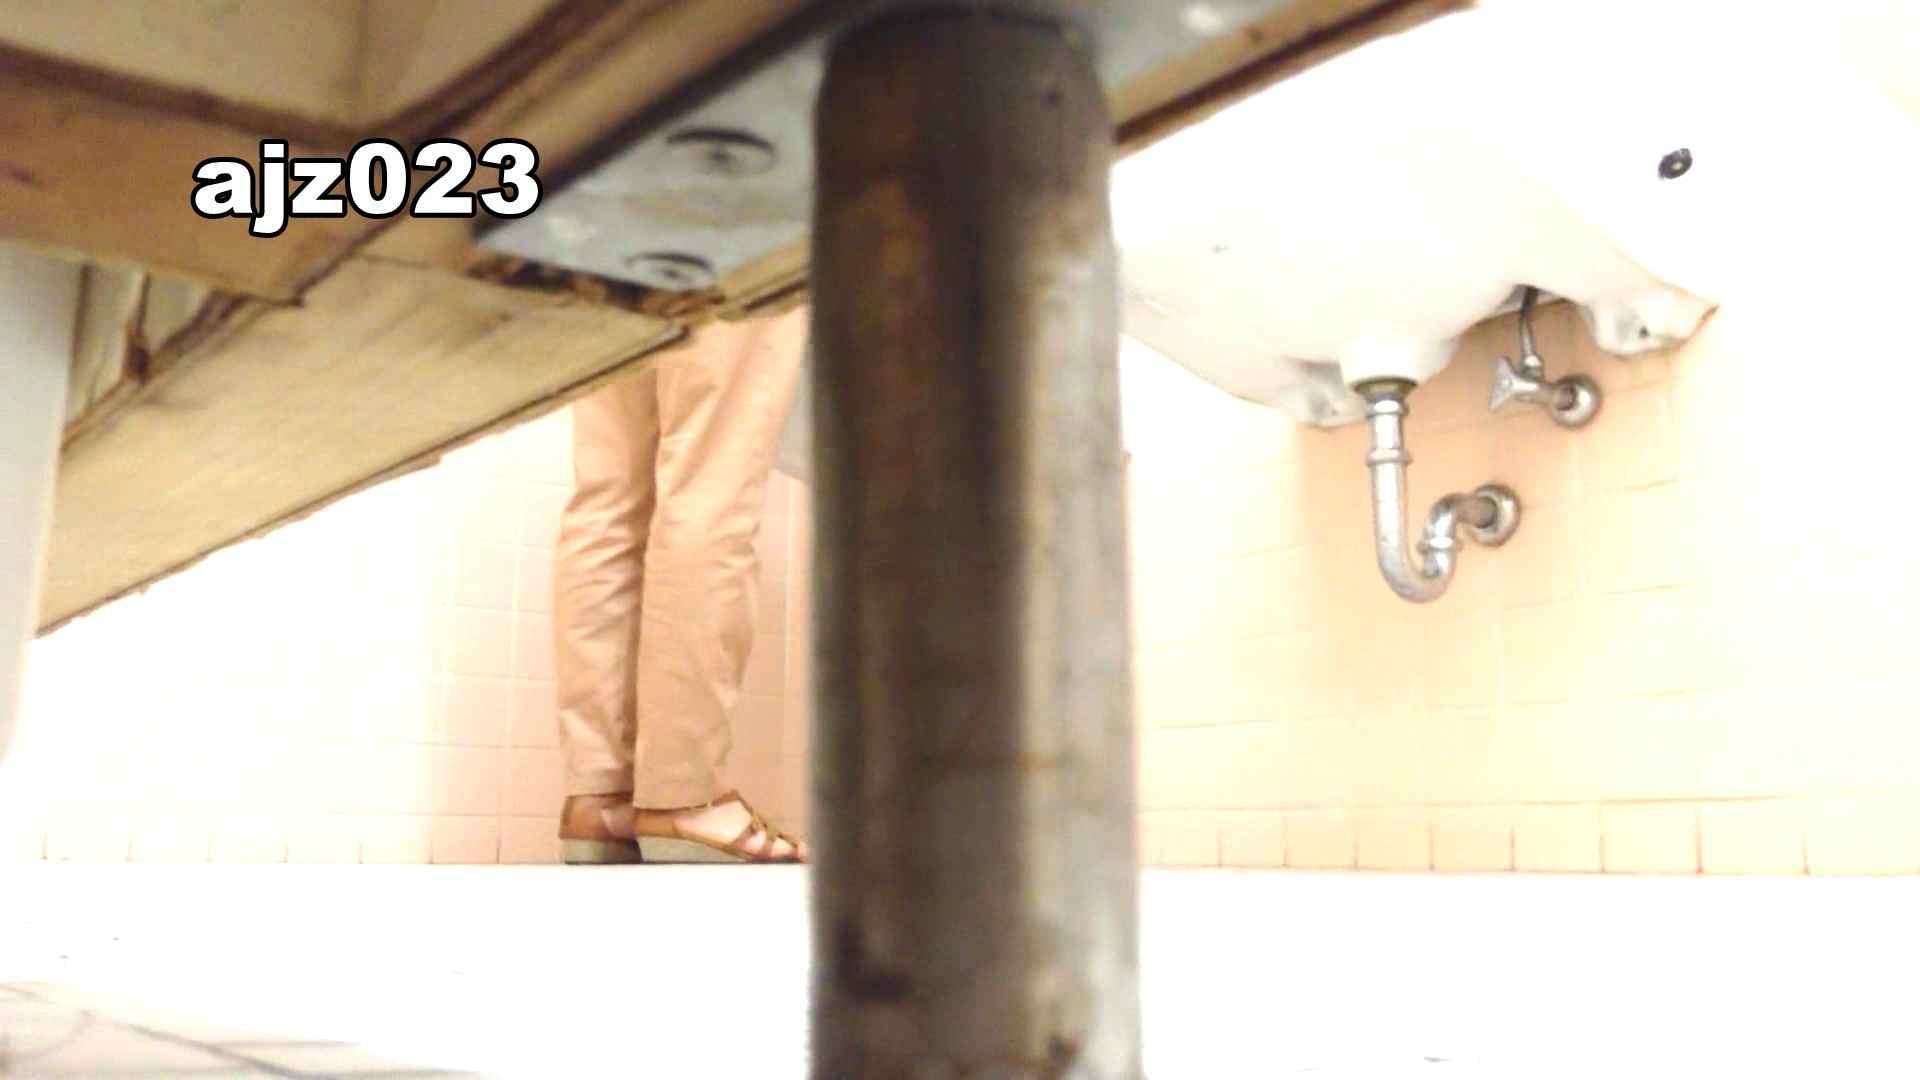 某有名大学女性洗面所 vol.23 OLのプライベート  13pic 4